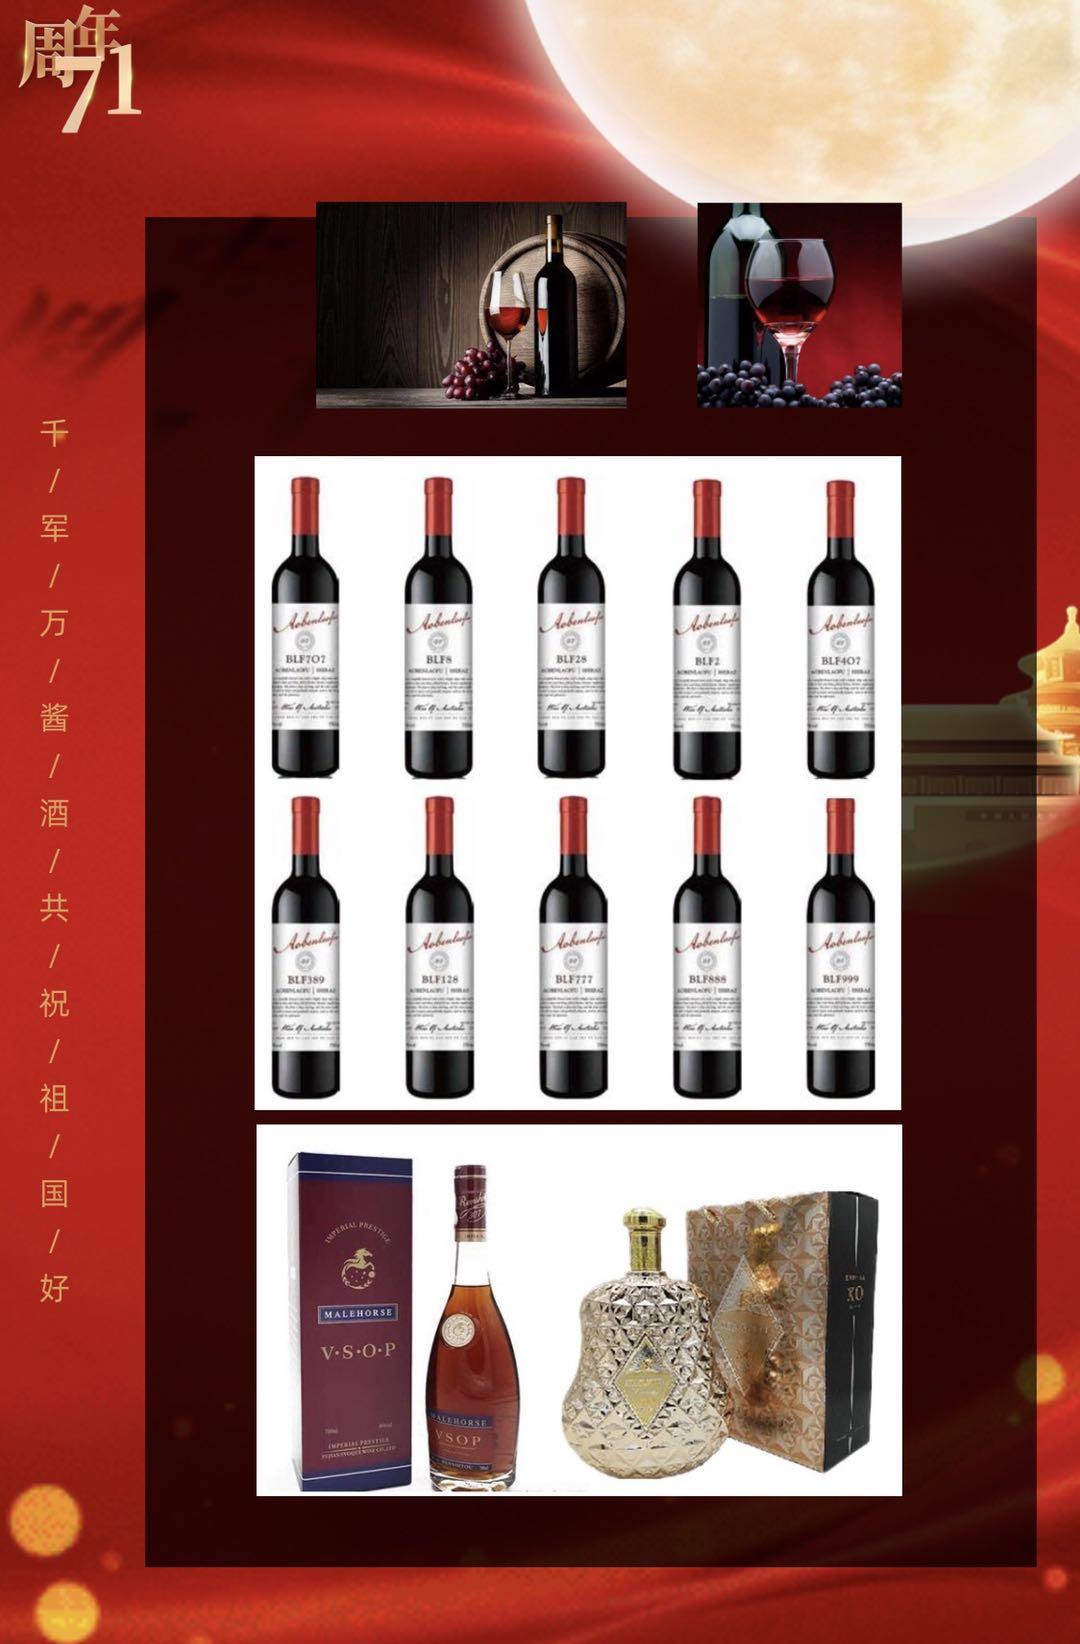 图片包含 瓶子, 室内, 桌子, 红酒  描述已自动生成